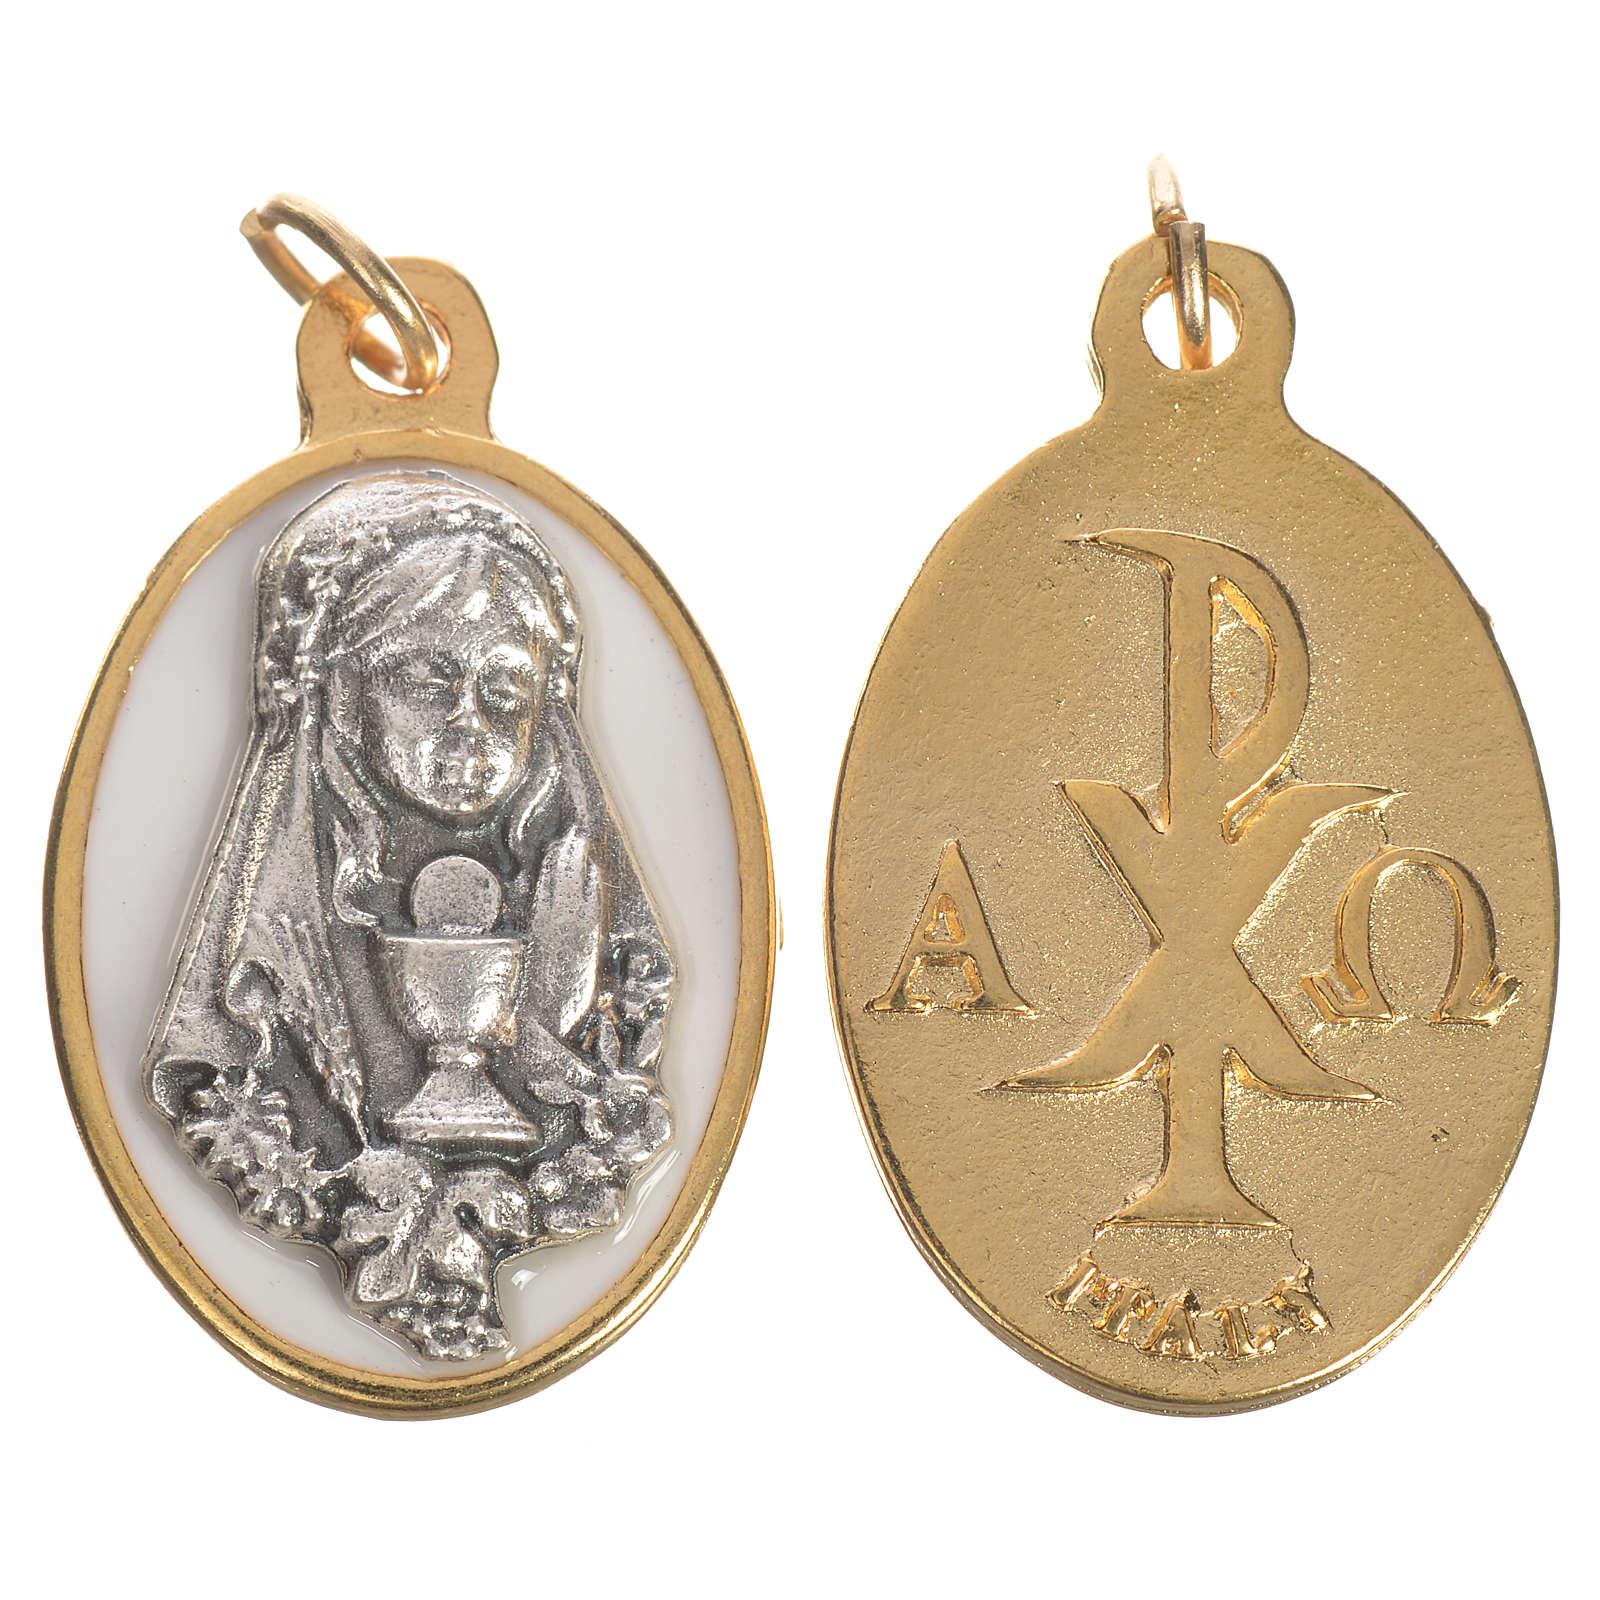 Medaglia Bimba comunione metallo smalto 2,2 cm 4